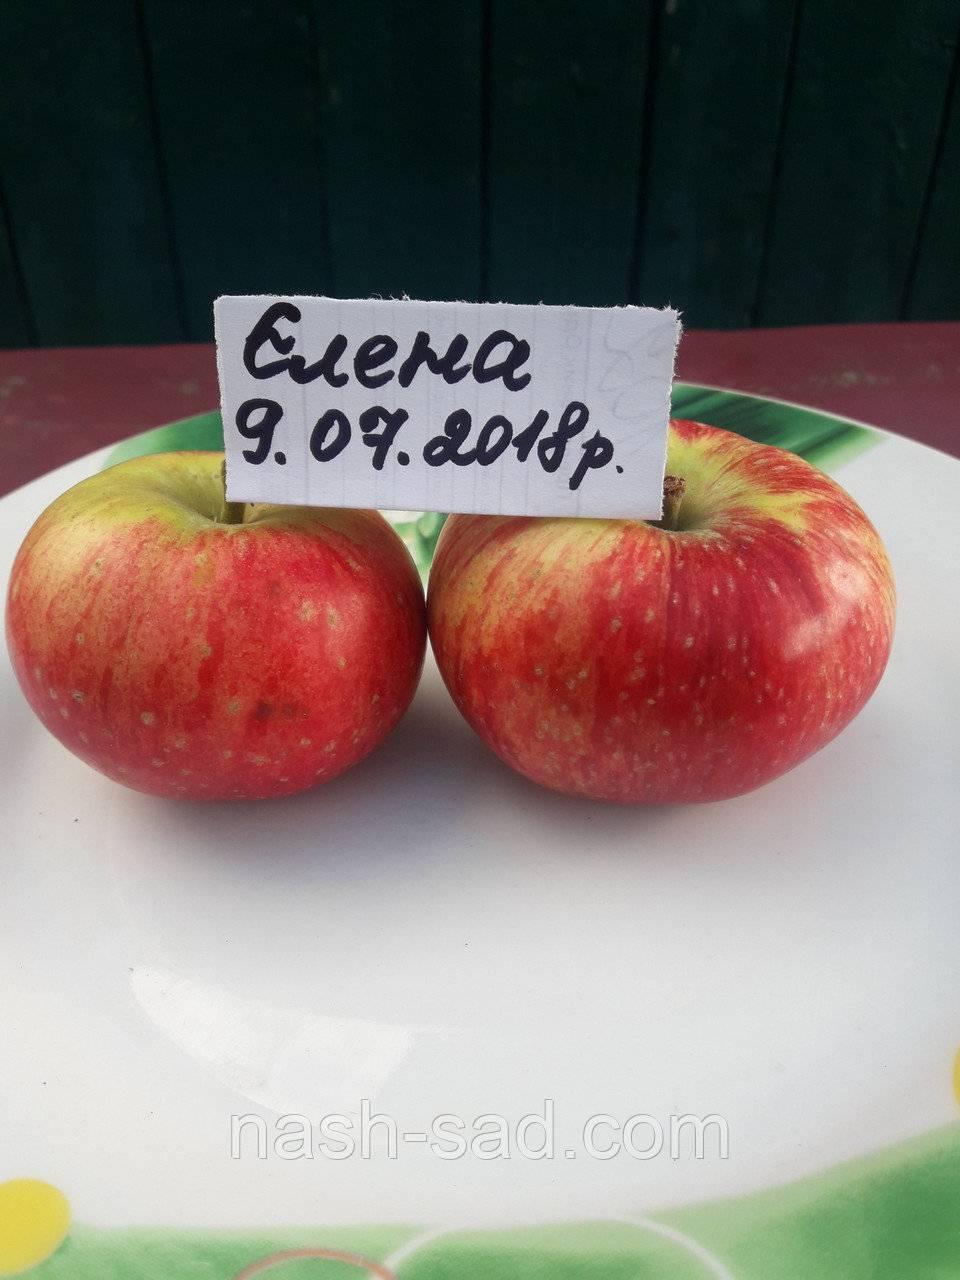 О яблоне Елена: описание сорта, характеристики, агротехника, выращивание